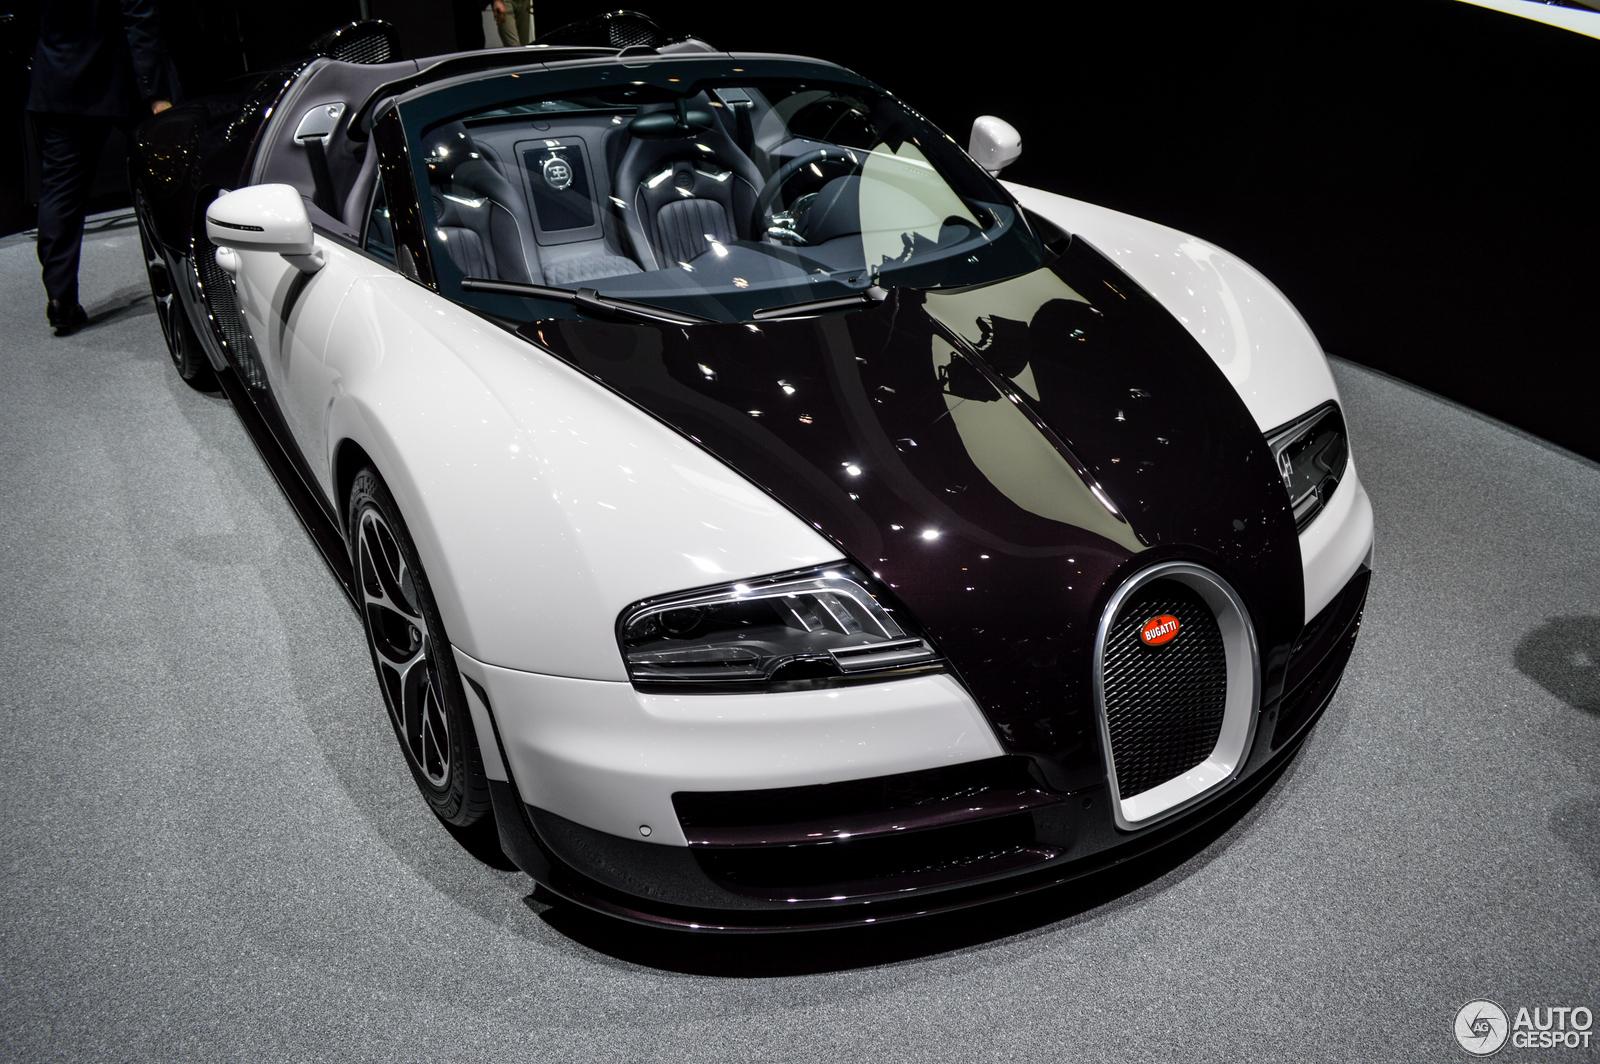 Geneva 2014: Bugatti Veyron 16.4 Grand Sport Vitesse